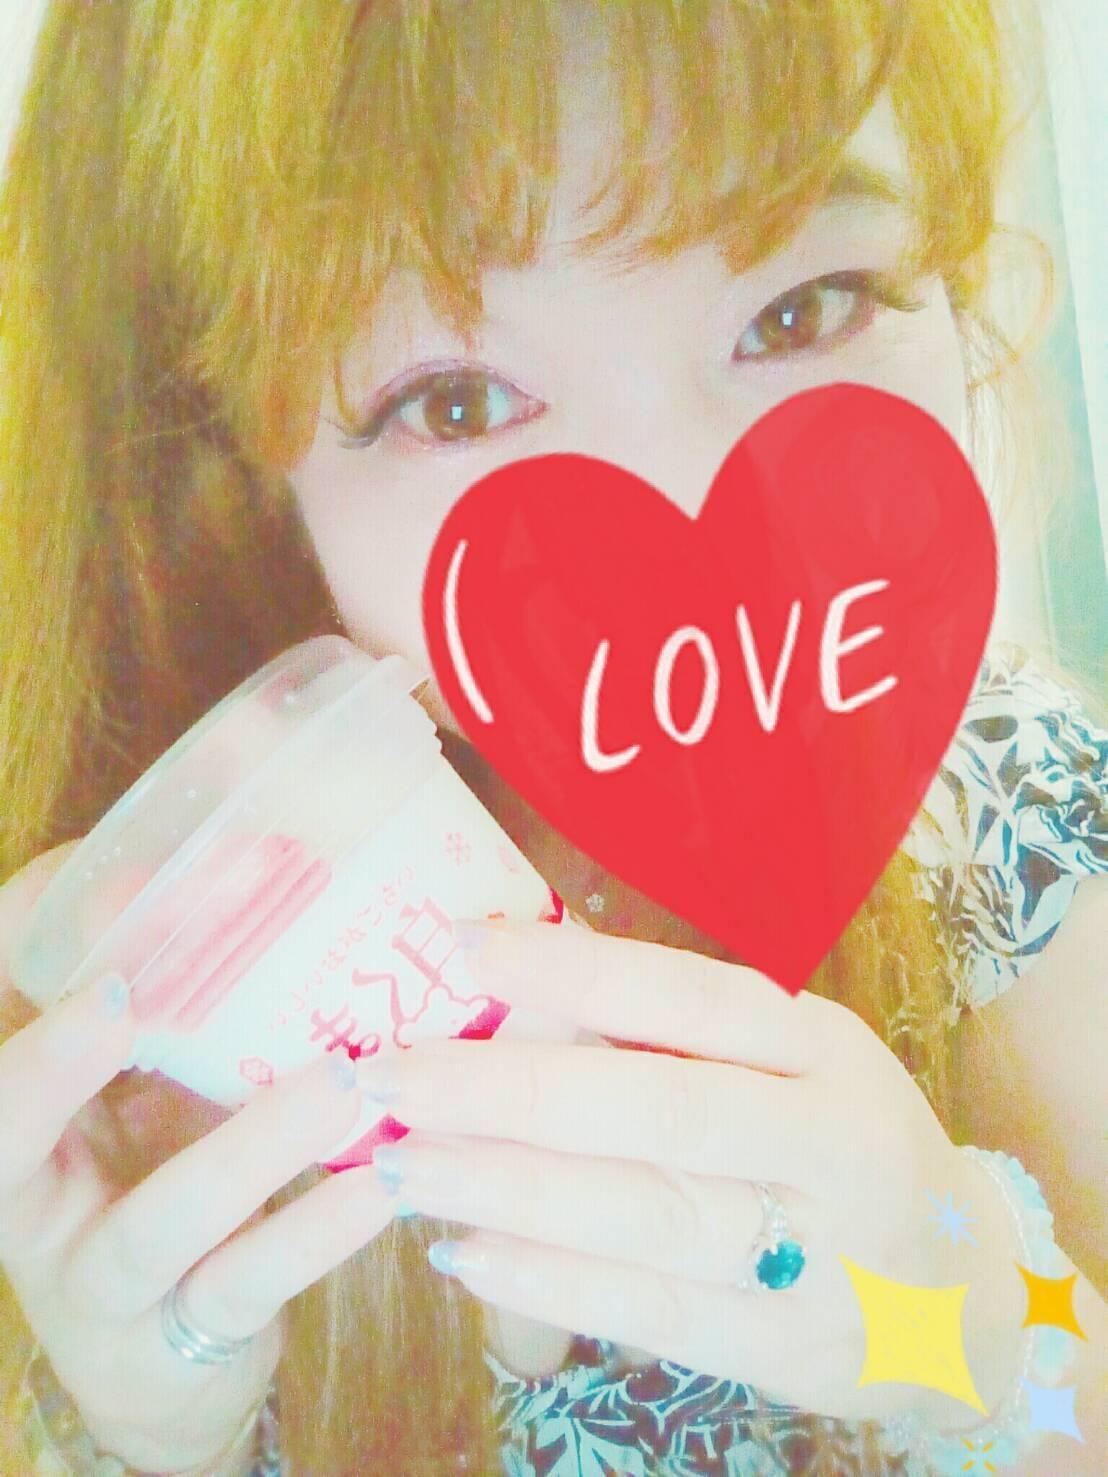 白くま君のアイス <img class=&quot;emojione&quot; alt=&quot;❤️&quot; title=&quot;:heart:&quot; src=&quot;https://fuzoku.jp/assets/img/emojione/2764.png&quot;/>